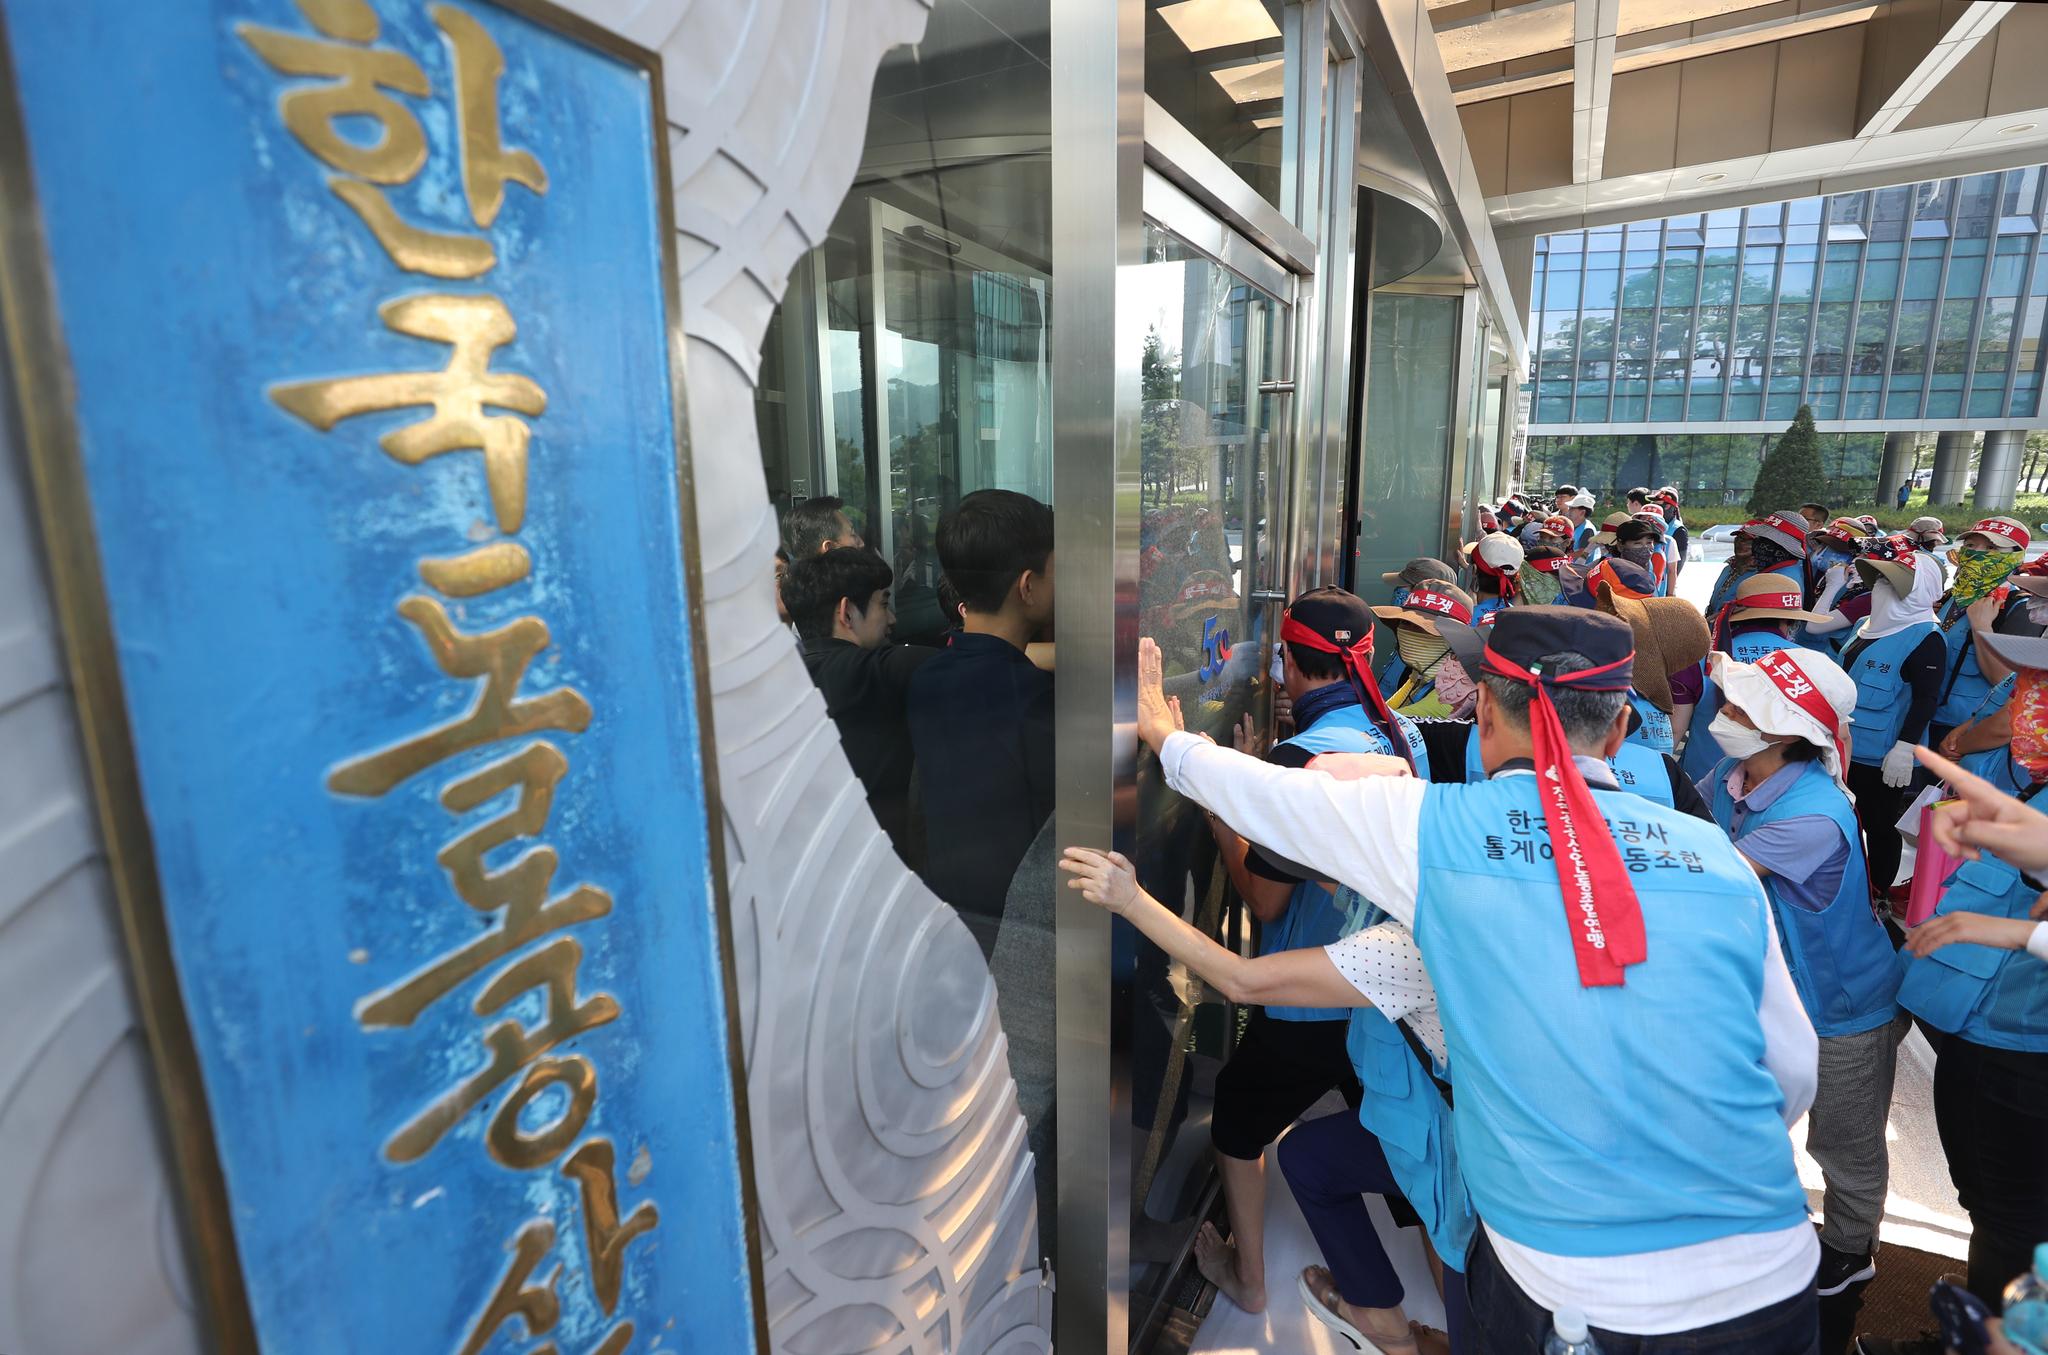 지난해 9월 10일 경북 김천시 한국도로공사 본사에서 톨게이트 요금 수납원 노조원들이 직접 고용을 요구하며 본사 진입을 시도하고 있다. [연합뉴스]